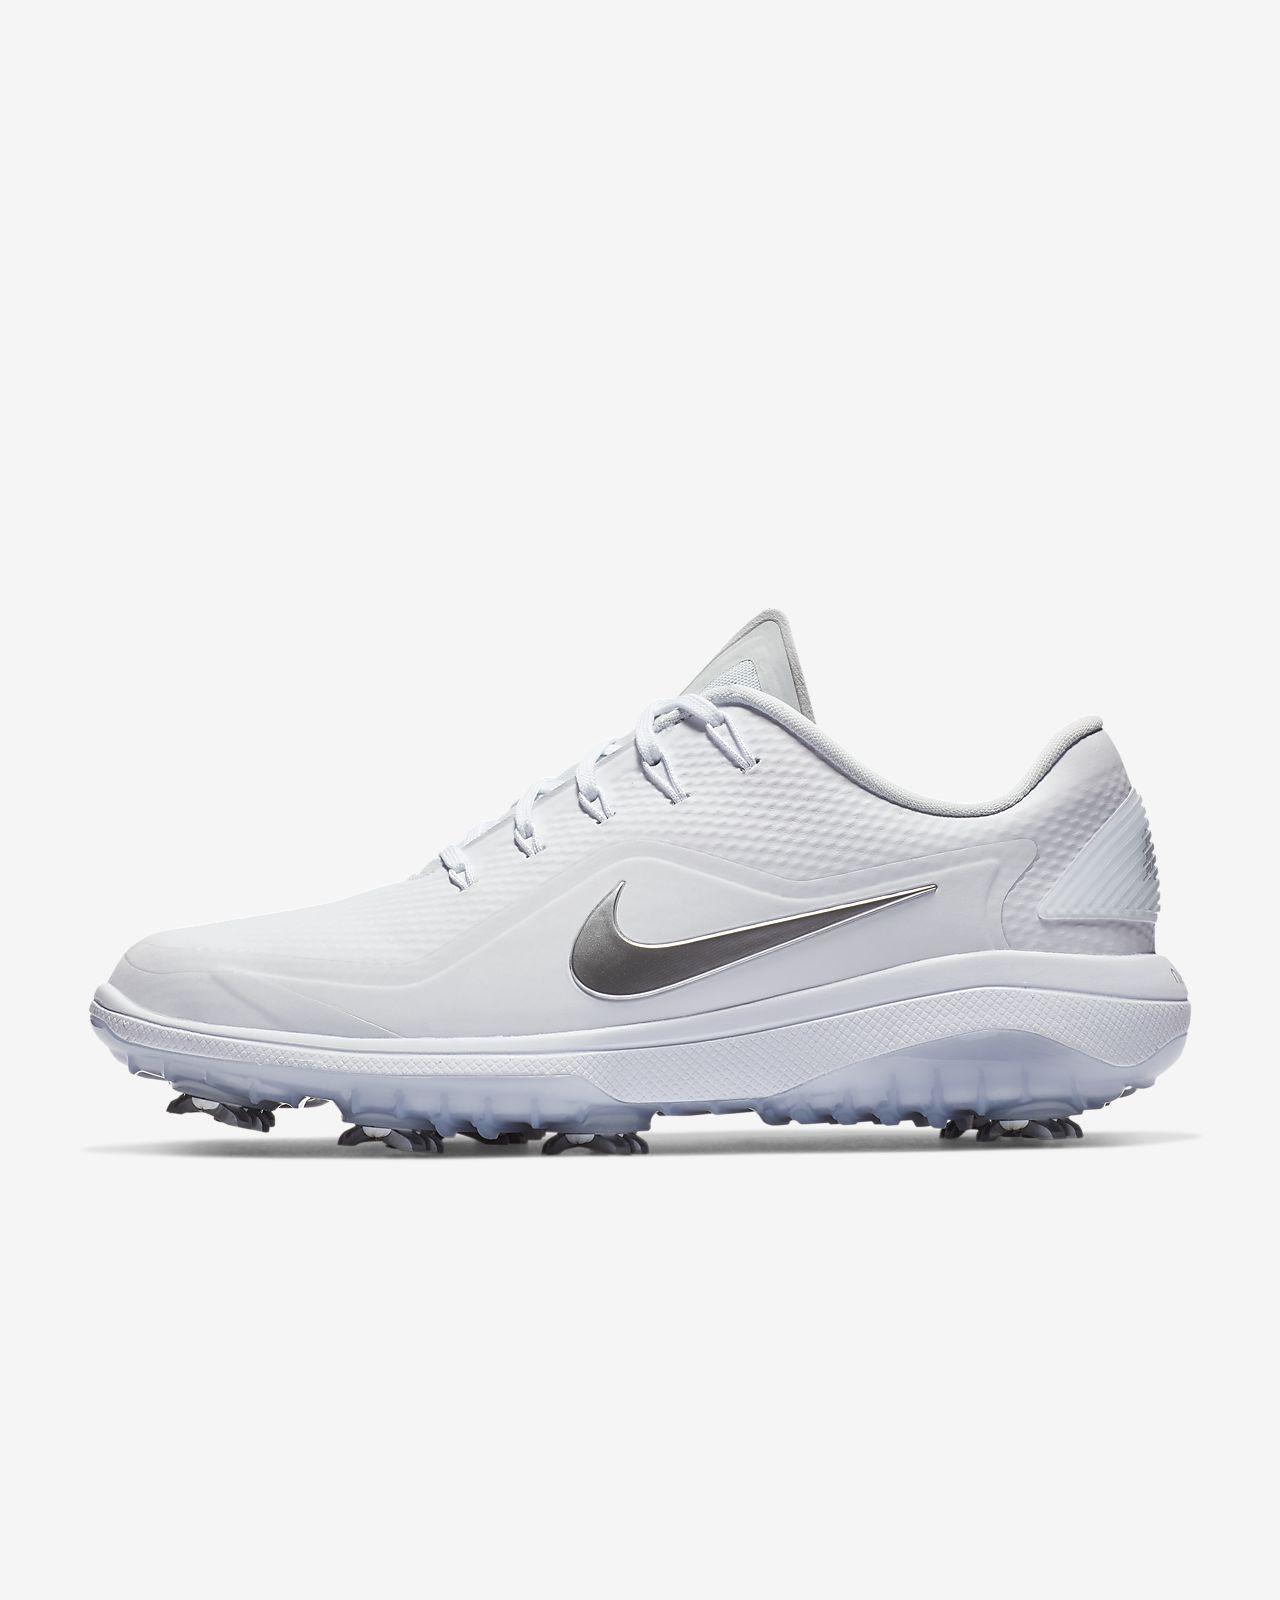 Nike React Vapor 2 Women's Golf Shoe (Wide)